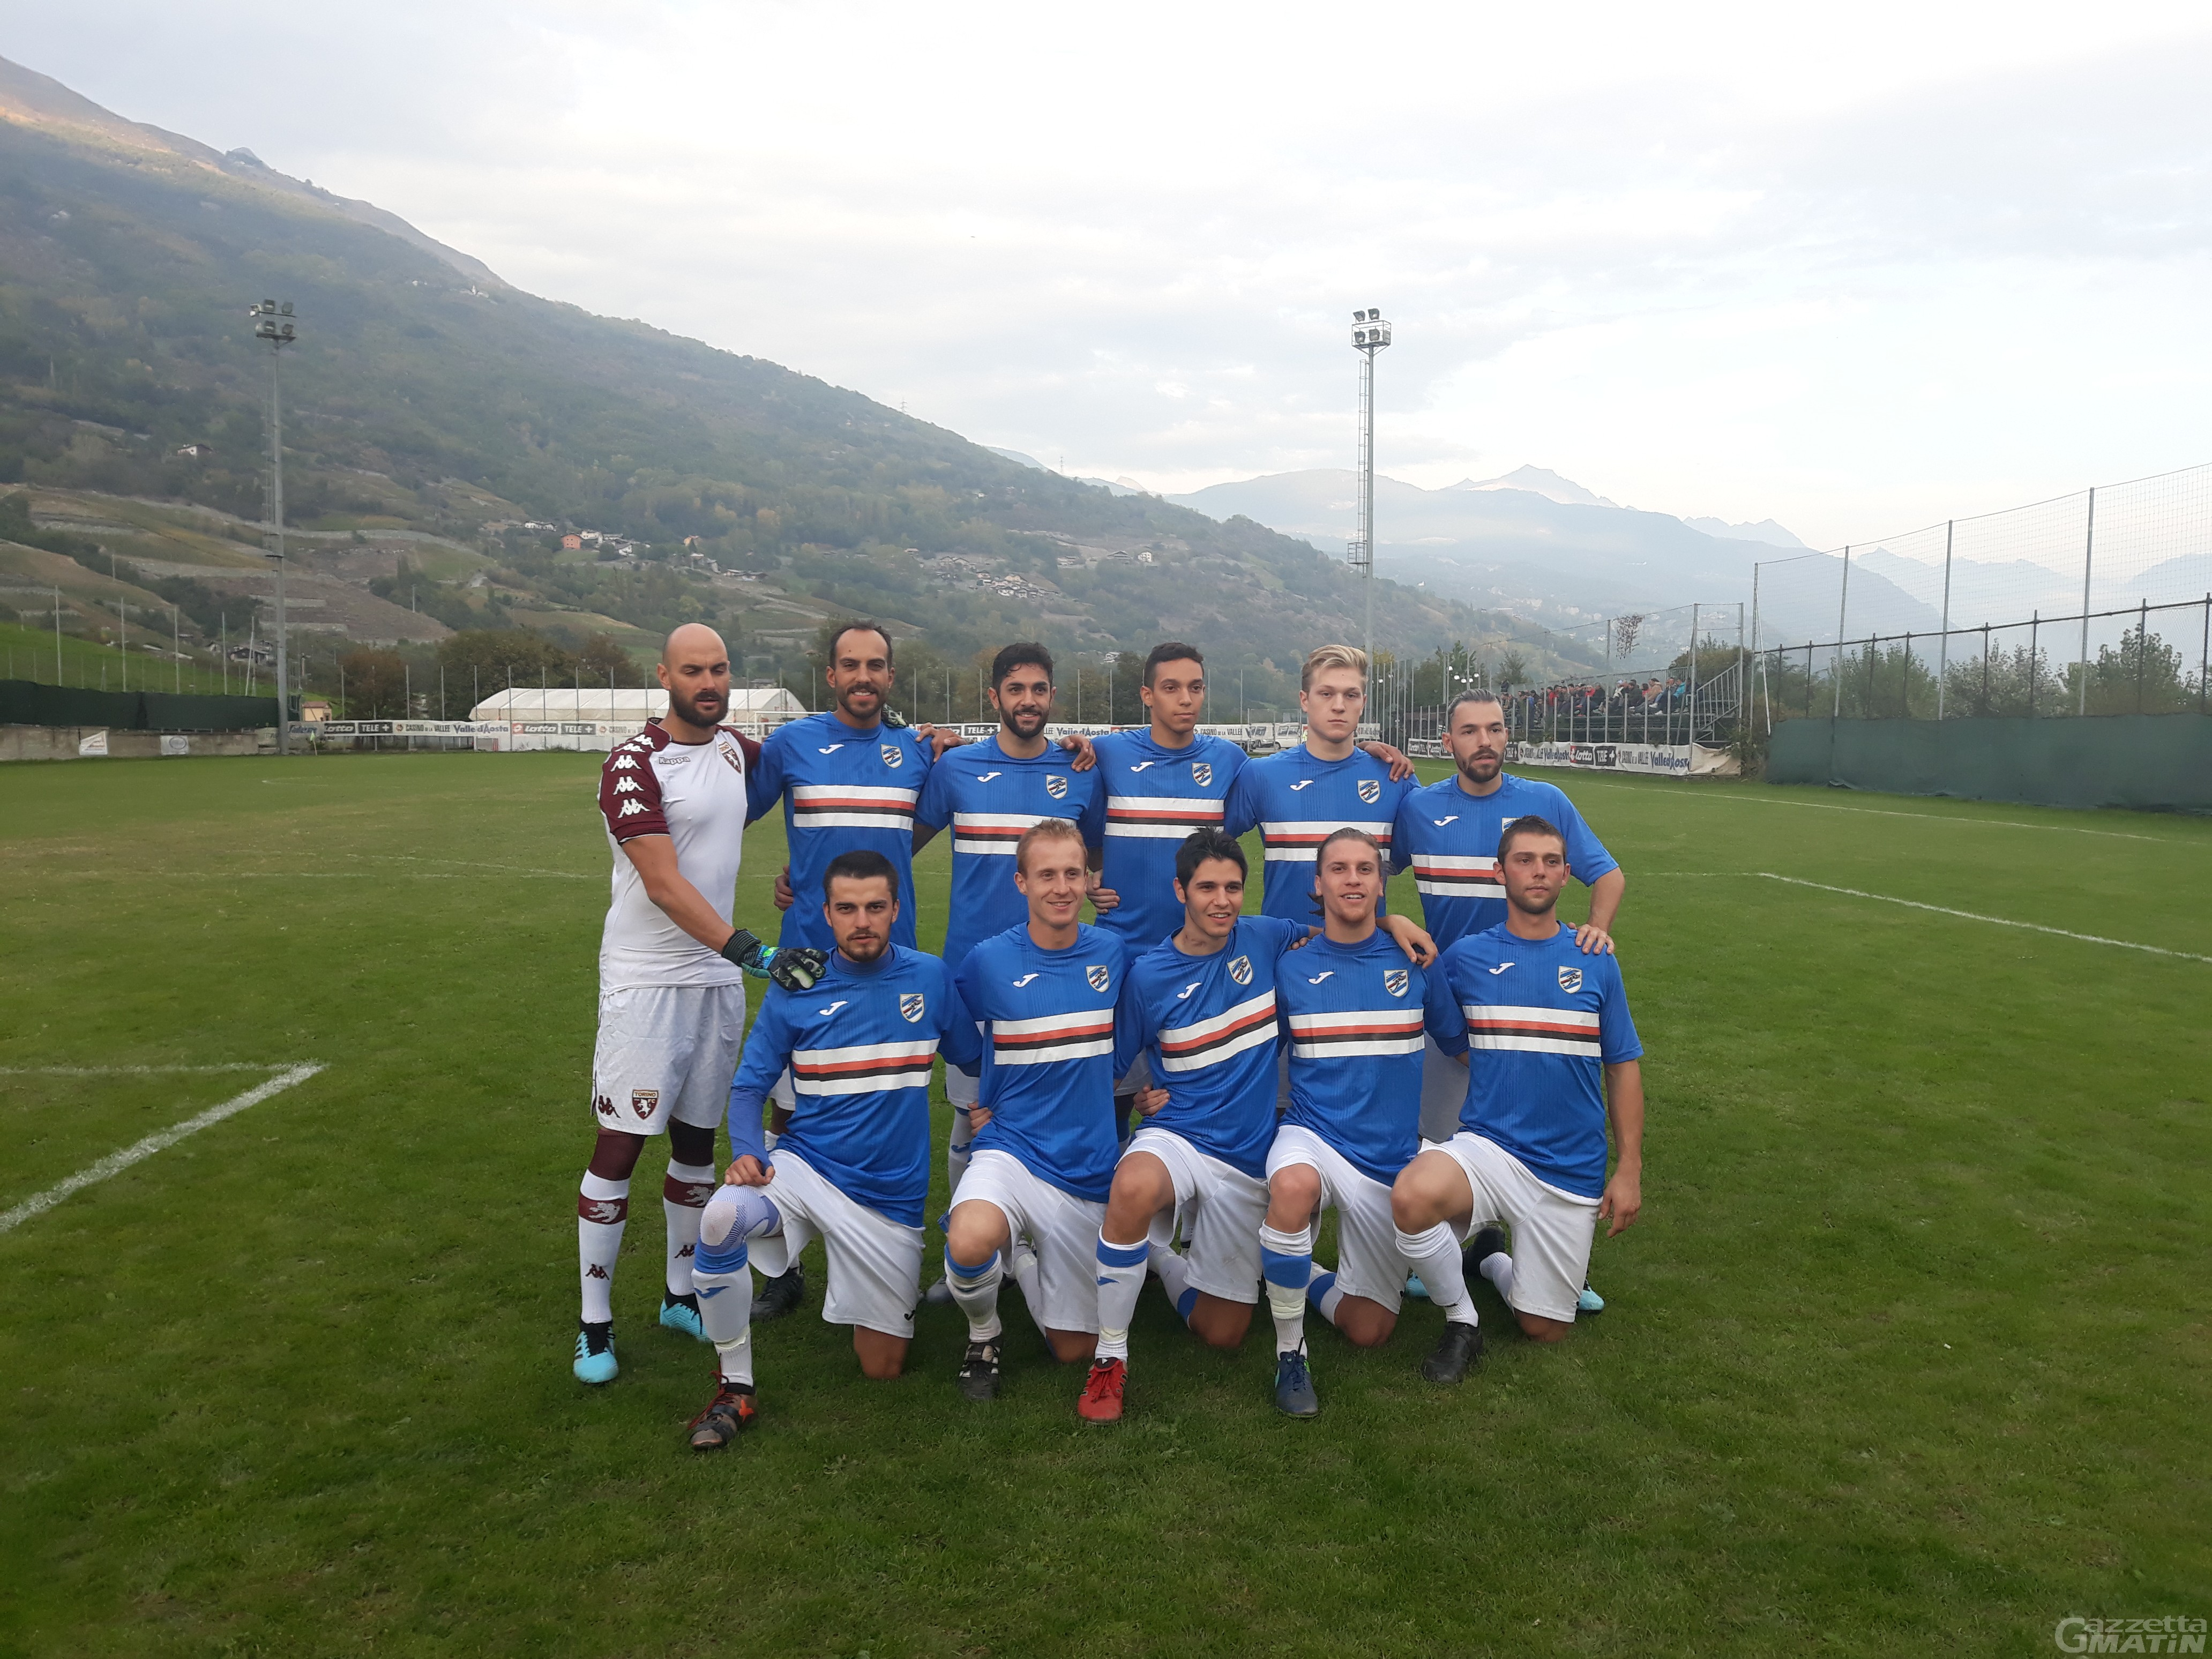 Calcio: Fenusma sconfitto in Coppa Piemonte